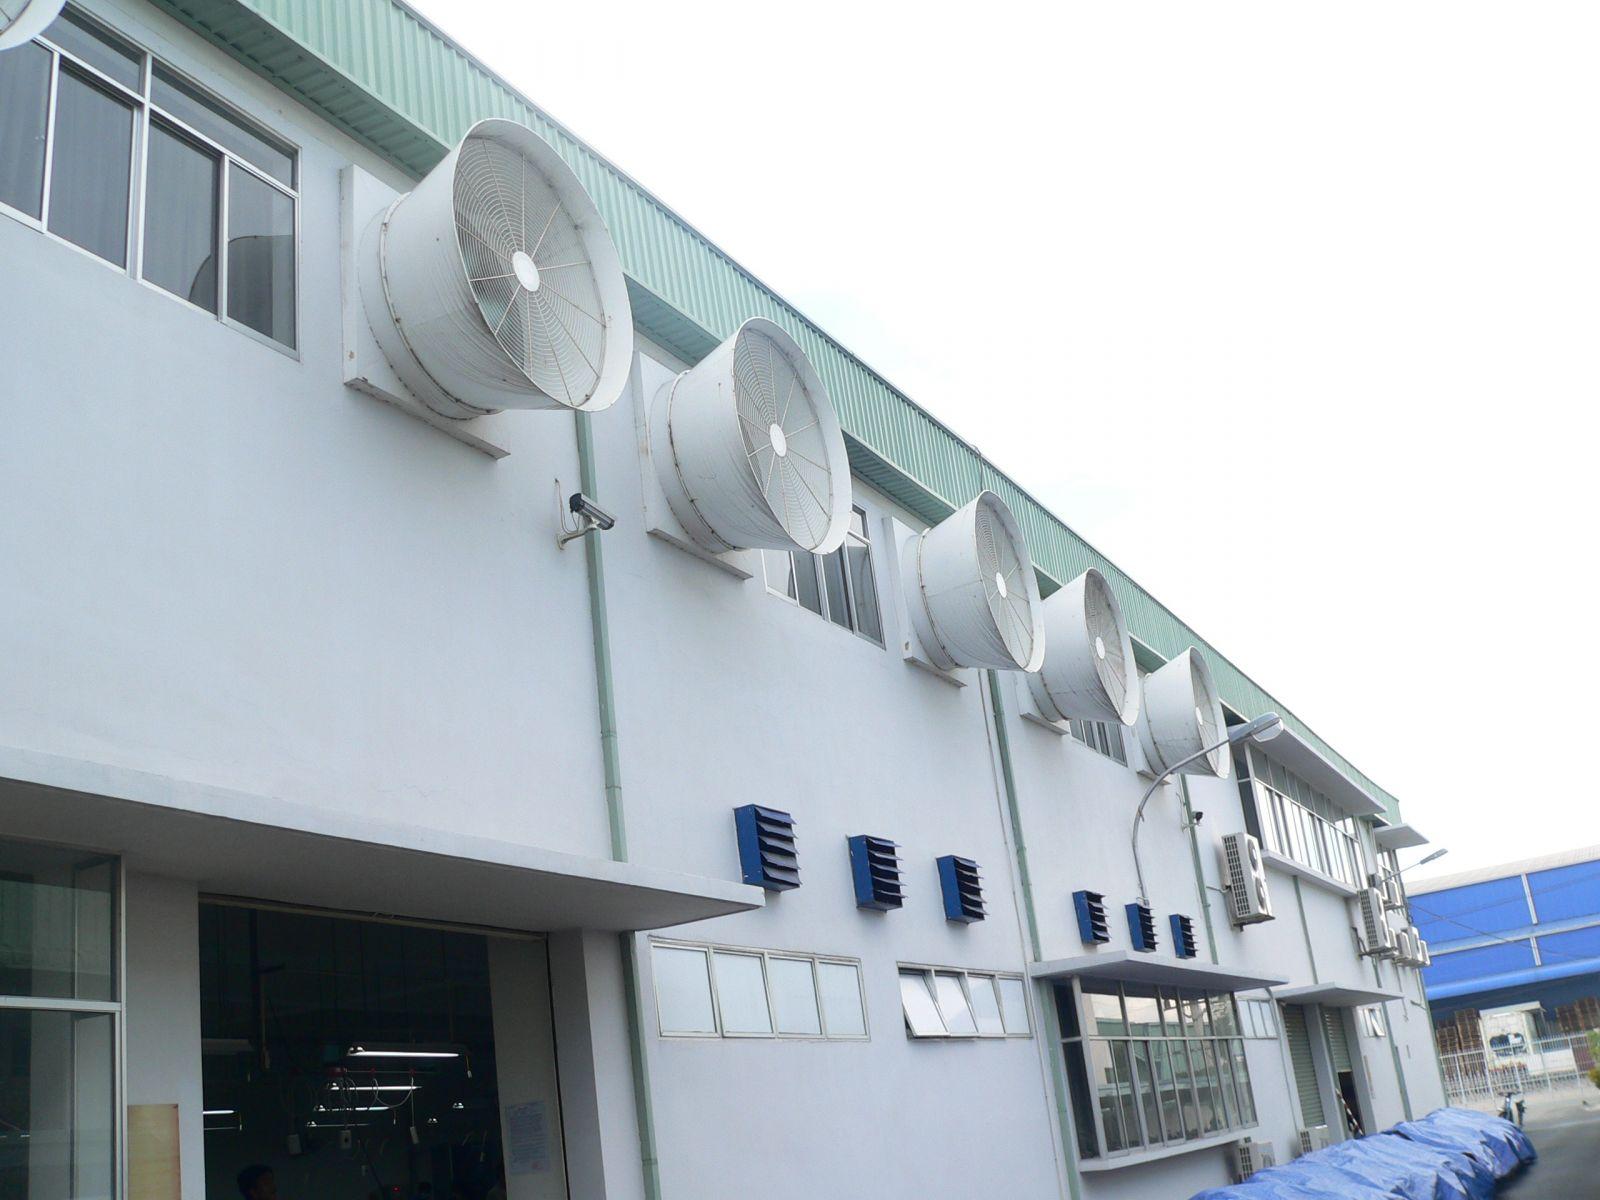 Đánh giá ưu điểm khi dùng hệ thống thông gió làm mát cho các trang trại hiện nay